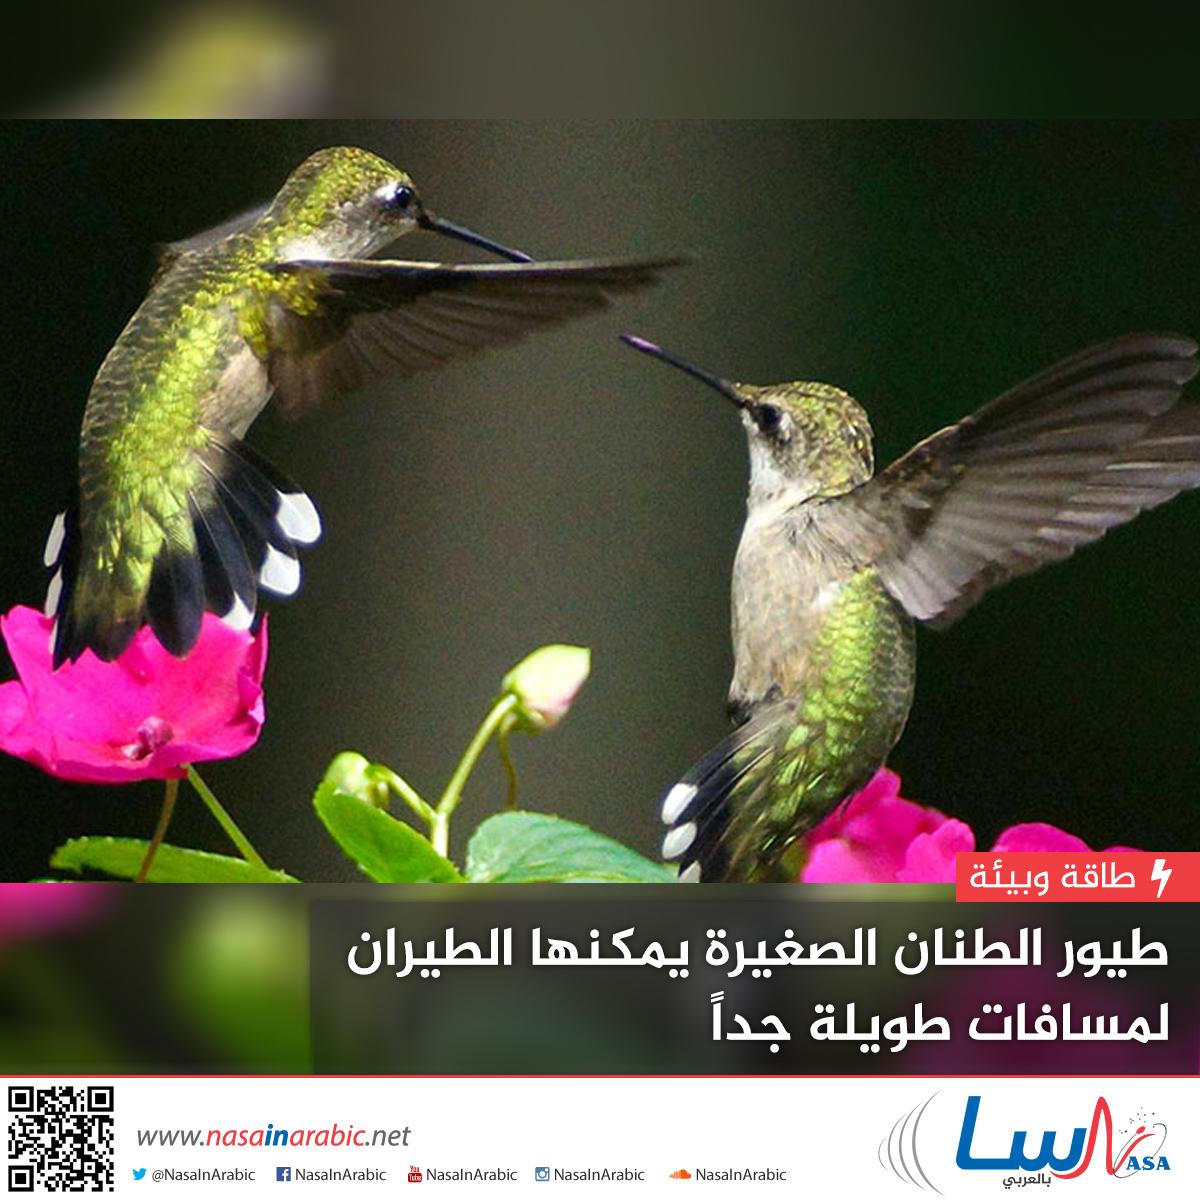 طيور الطنان الصغيرة يمكنها الطيران لمسافات طويلة جدا